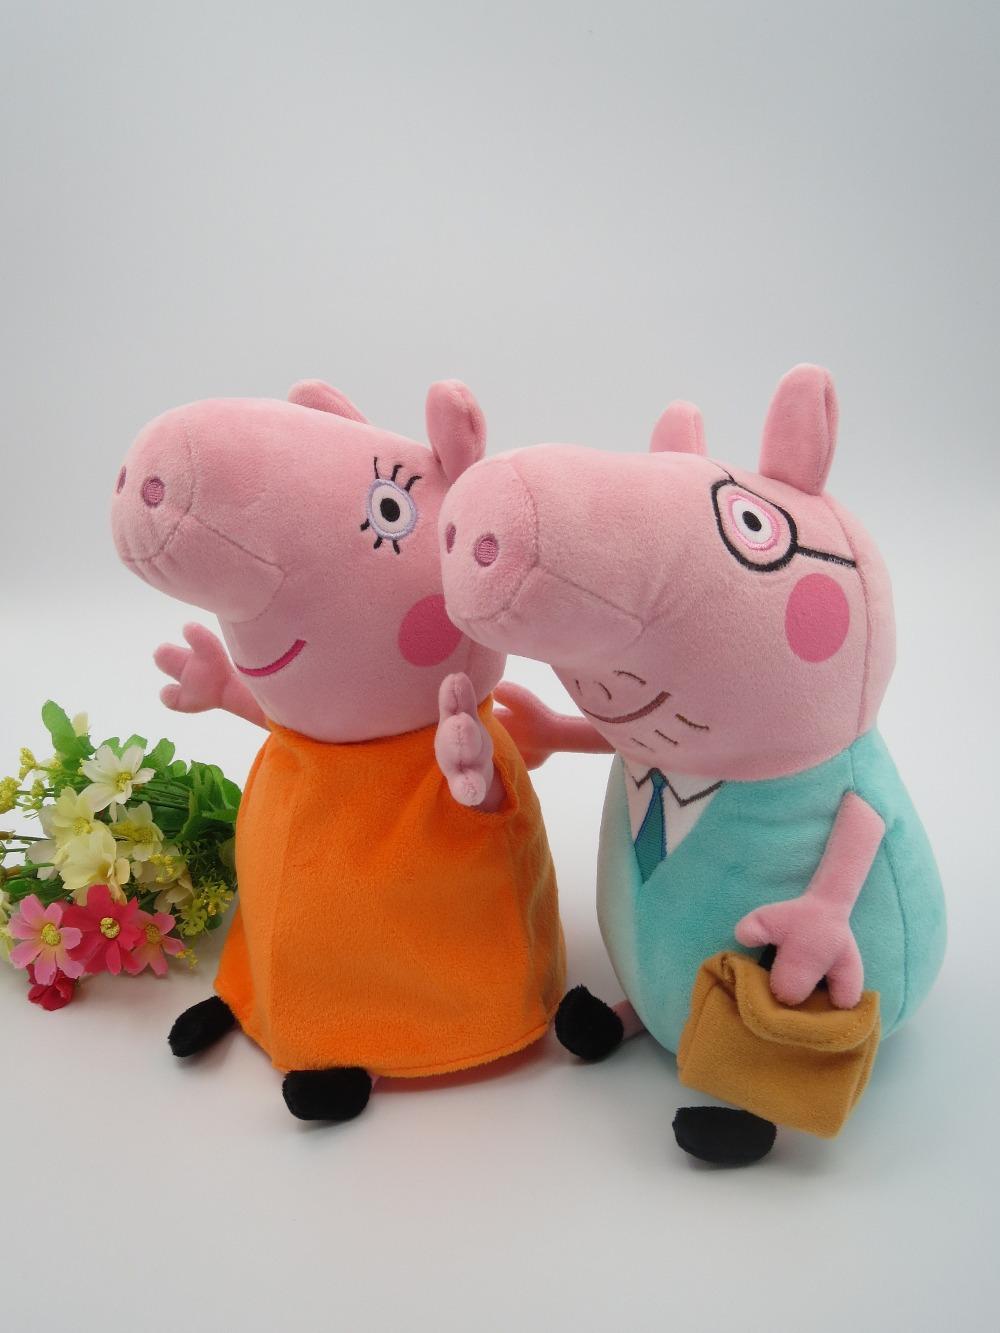 Frete grátis 10pcs / set 12 polegadas 30CM Peppa porco de pelúcia Pepa Pig Brinquedos Mamãe & Papai Tamanho Grande Drop Shipping(China (Mainland))